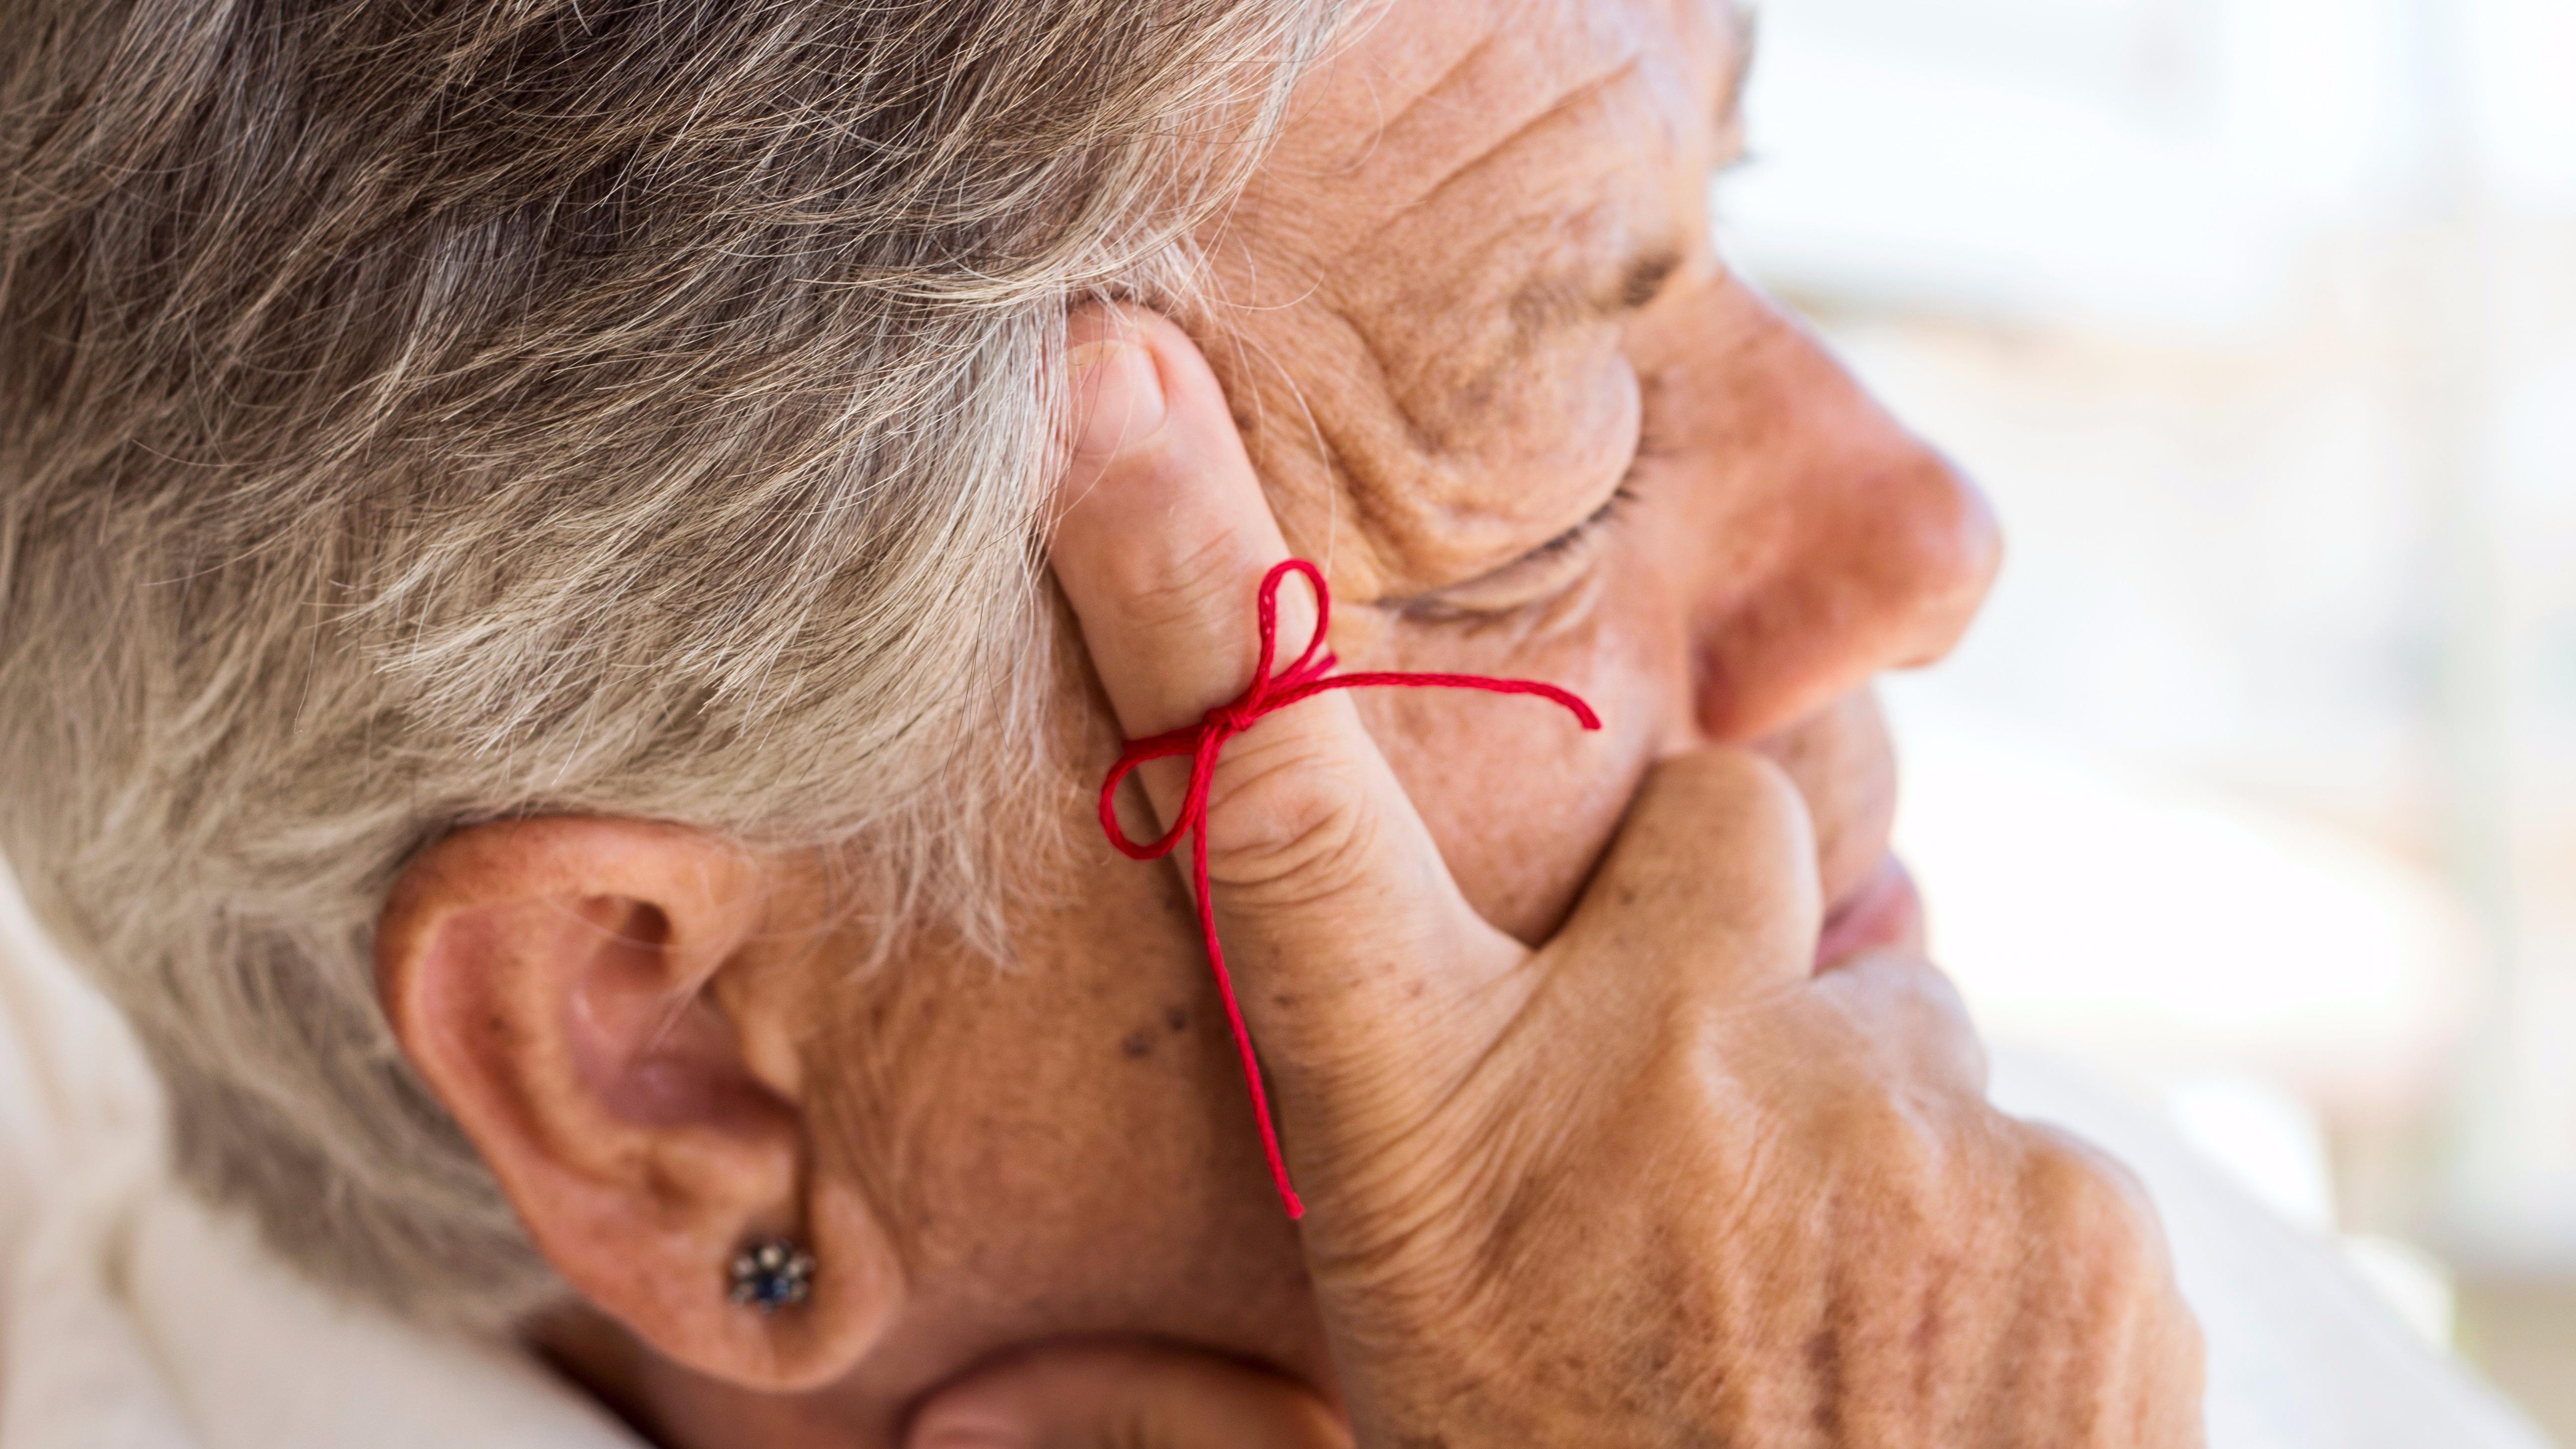 Los científicos solo han logrado desarrollar medicamentos que pueden aliviar algunos síntomas.